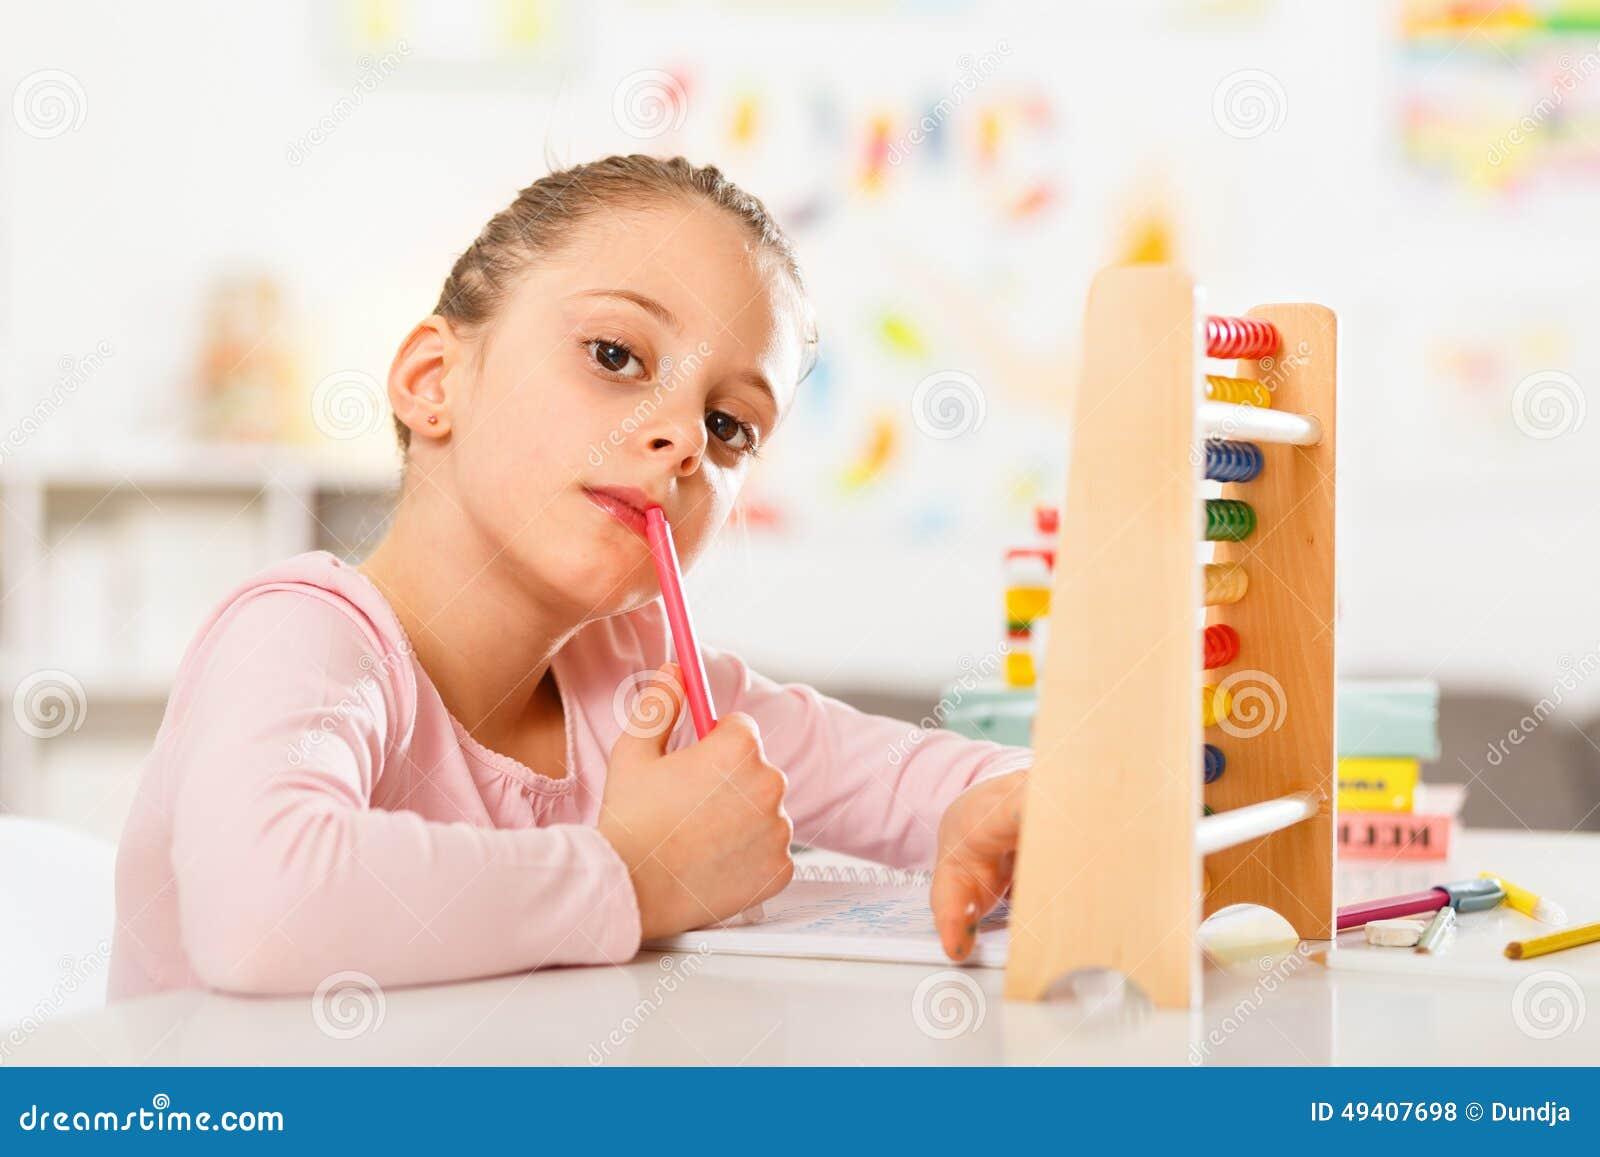 Download Kleines Mädchen Tut Hausarbeit Stockfoto - Bild von schauen, konzepte: 49407698